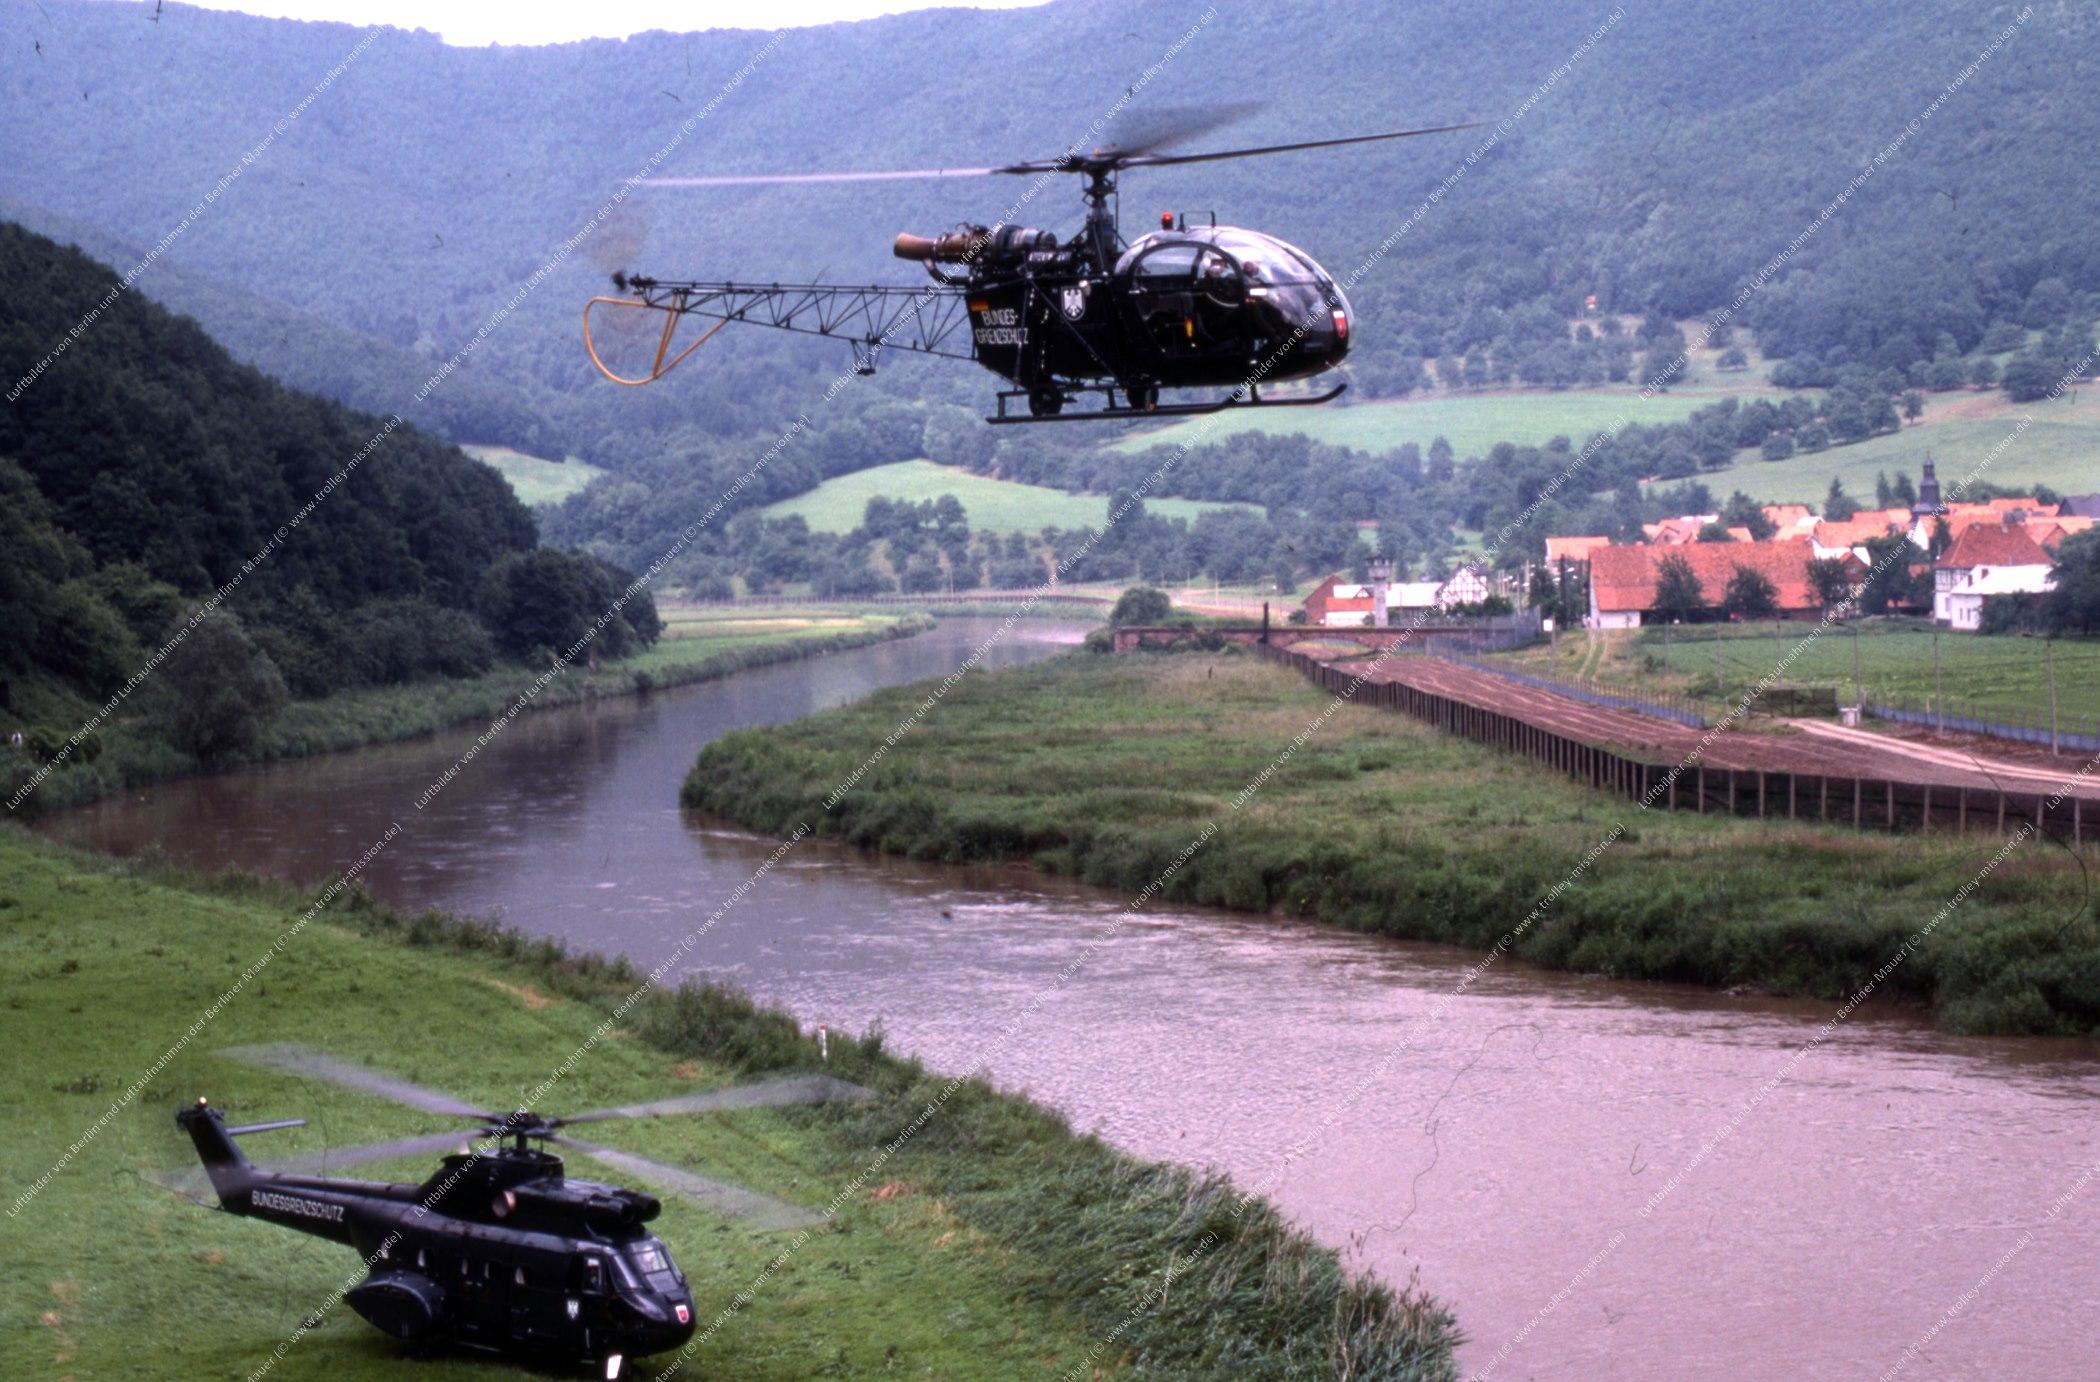 Vermutlich innerdeutsche Grenze (BRD/DDR) Hubschrauber und Bundesgrenzschutz (Bild 117)